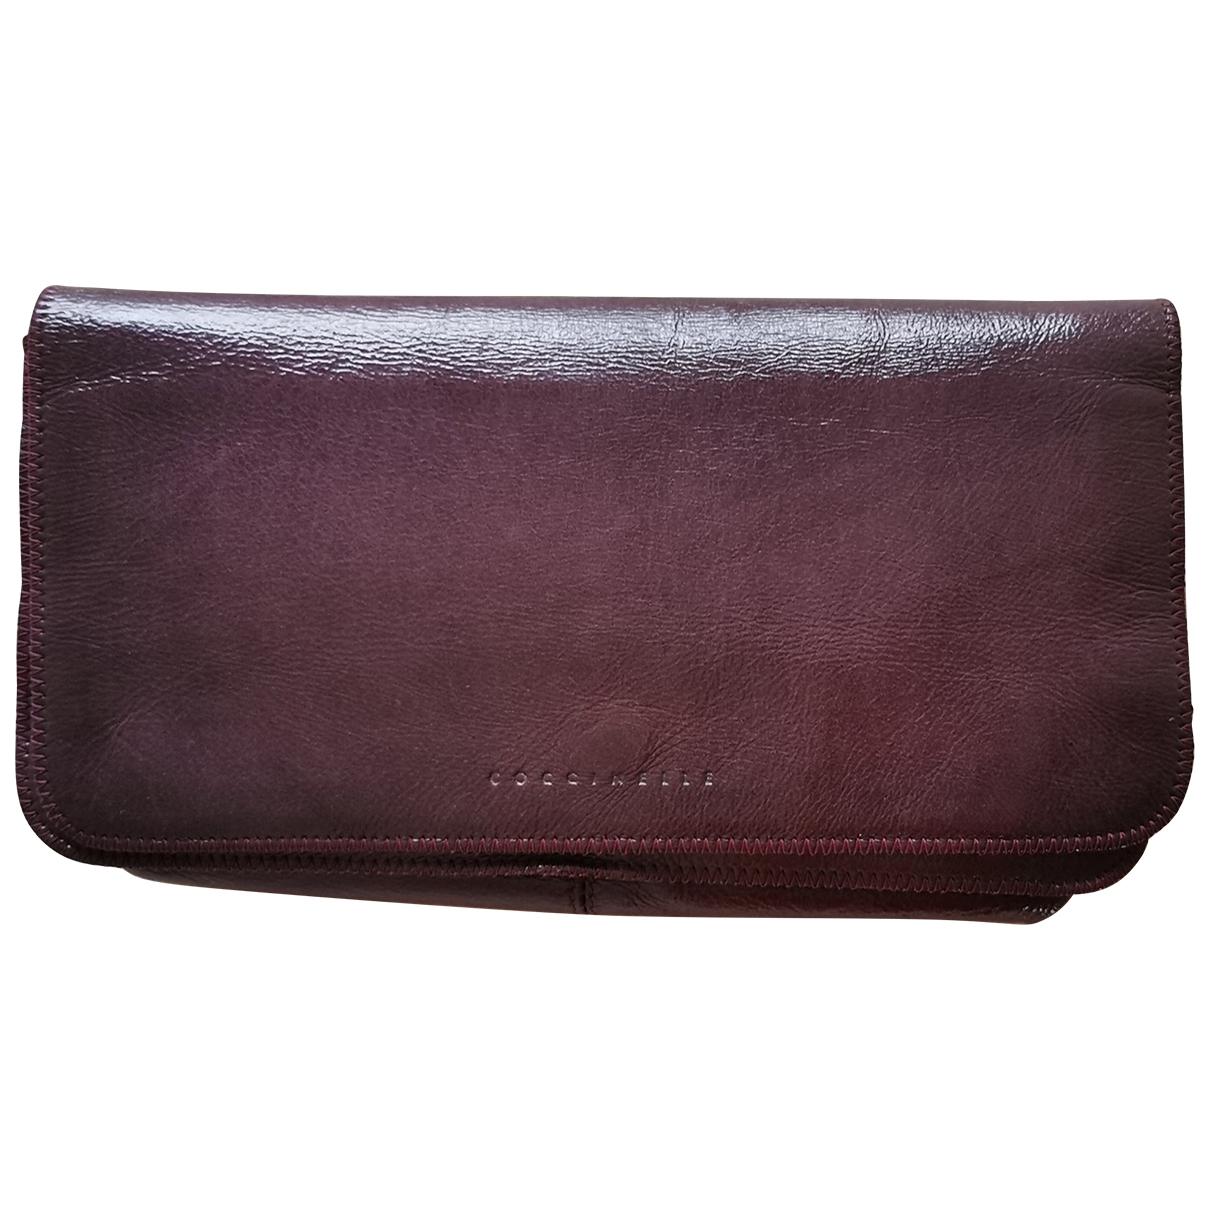 Coccinelle - Pochette   pour femme en cuir - violet